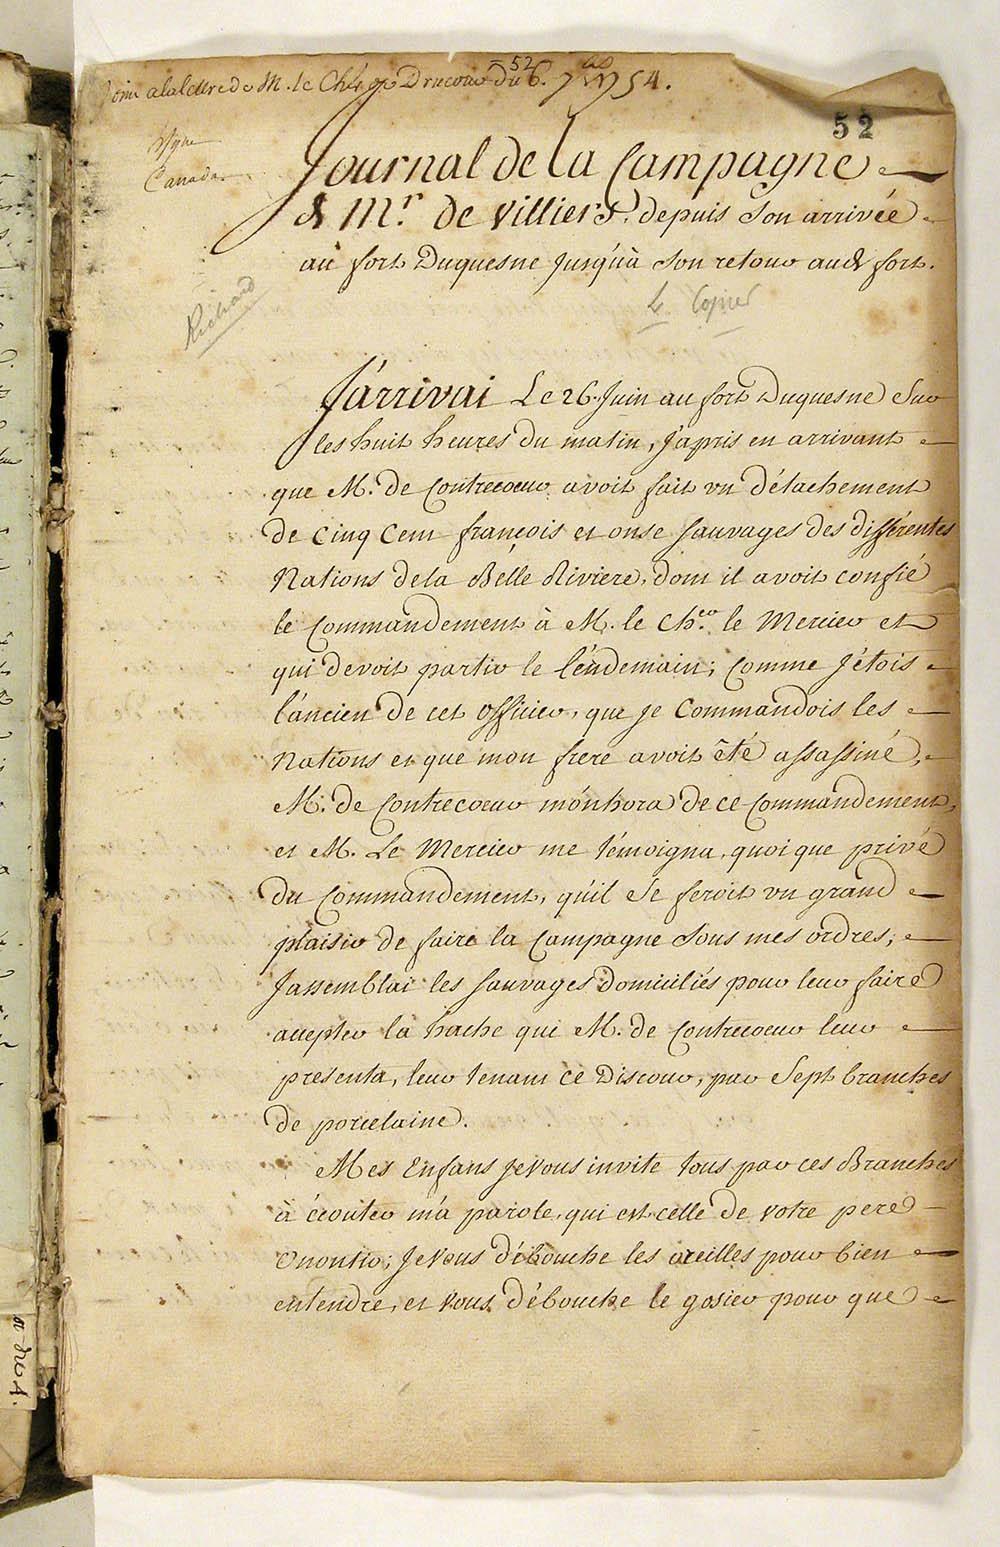 Journal de Louis Coulon de Villiers au gouverneur général Ange Duquesne de Menneville, 6 septembre 1754. FR CAOM COL F3 14 fol. 52-60